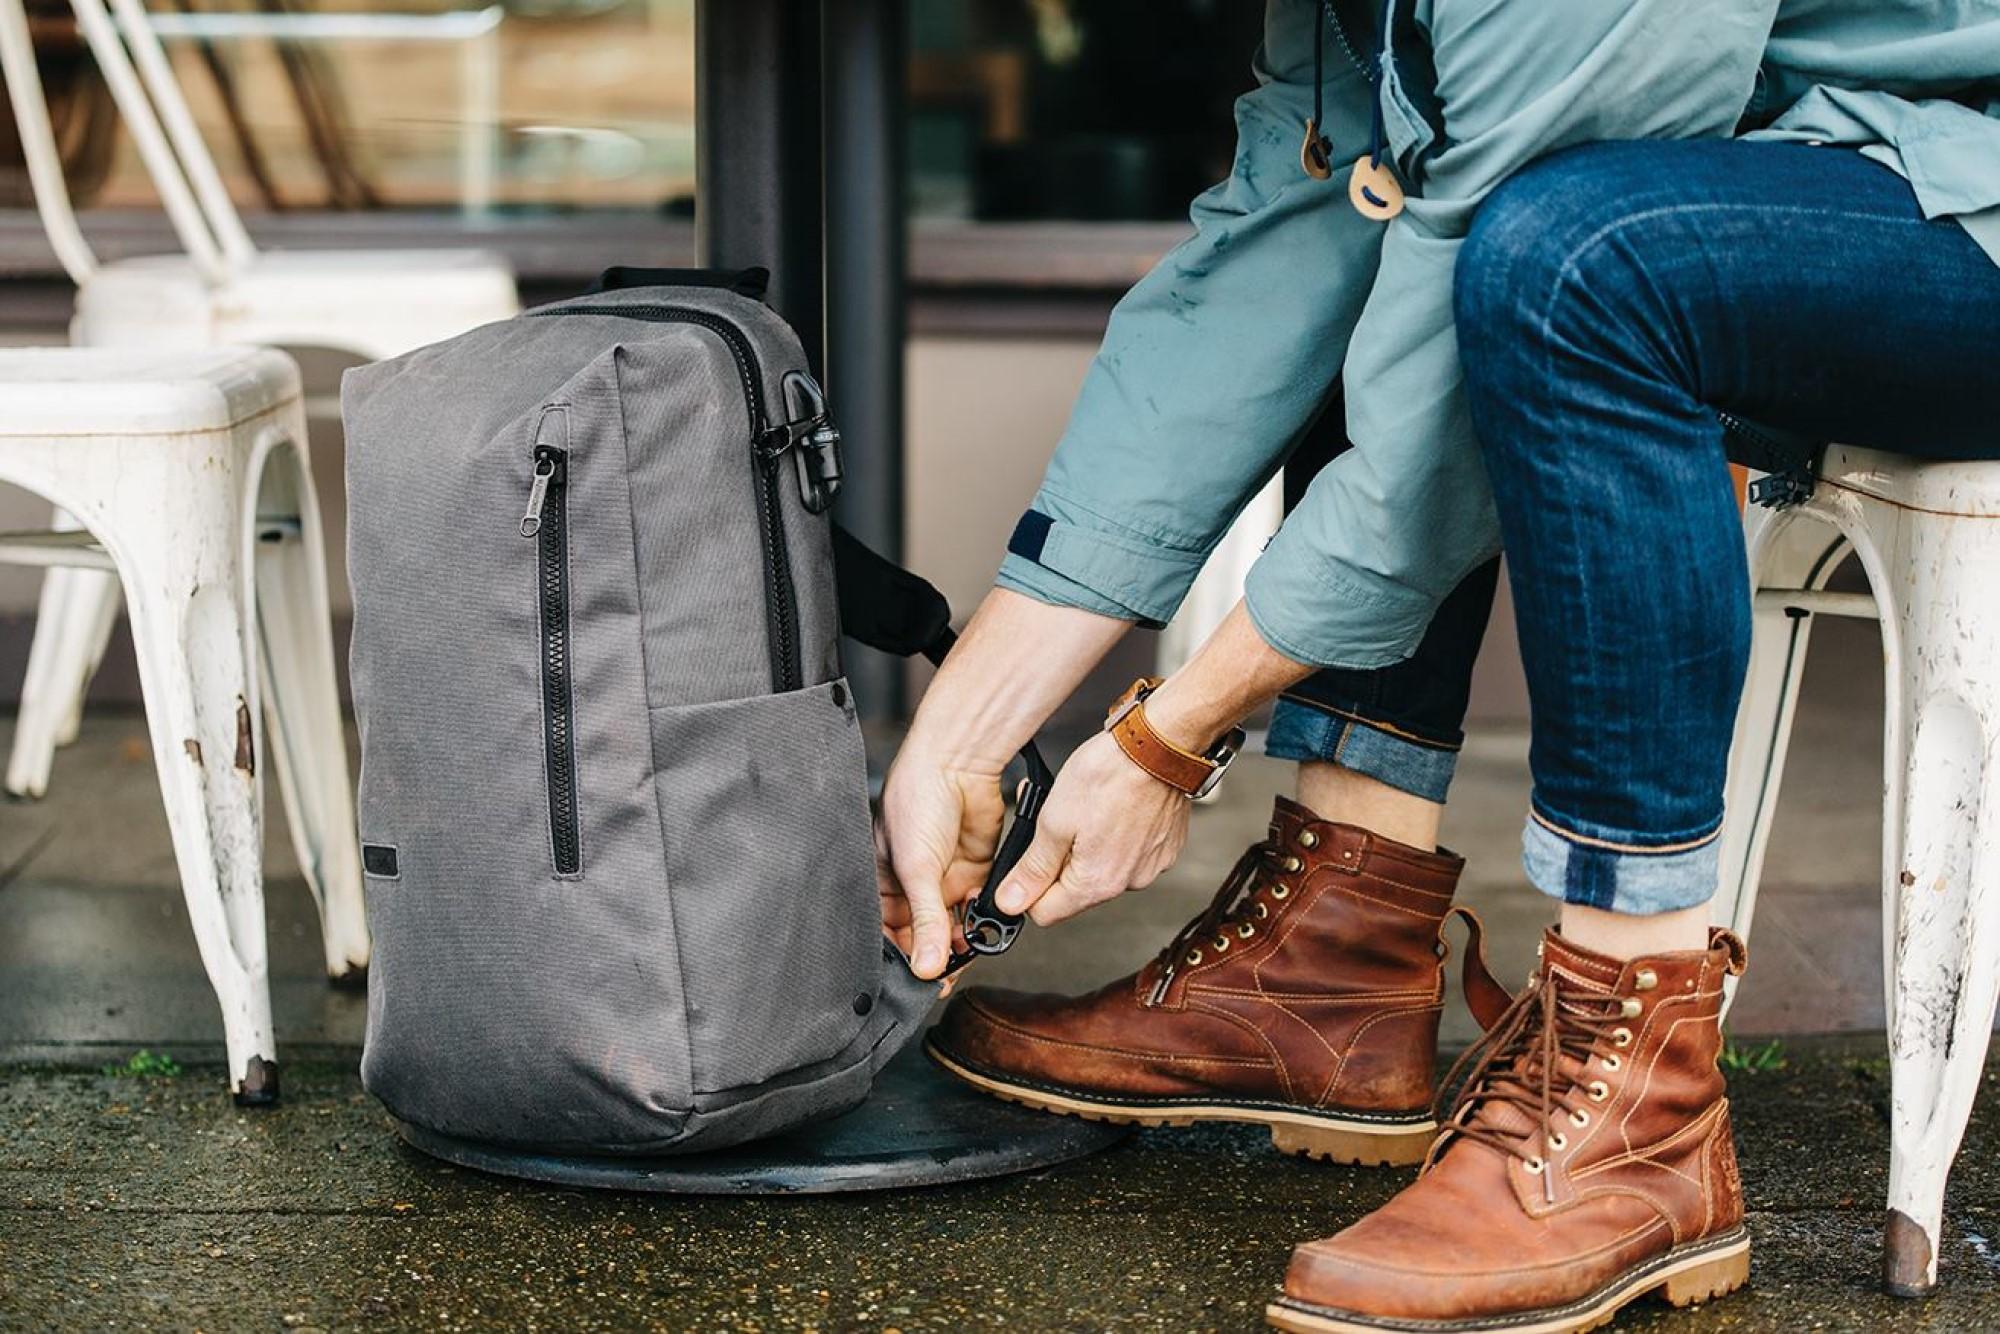 Pacsafe zabezpieczenia antykradzieżowe w plecakach